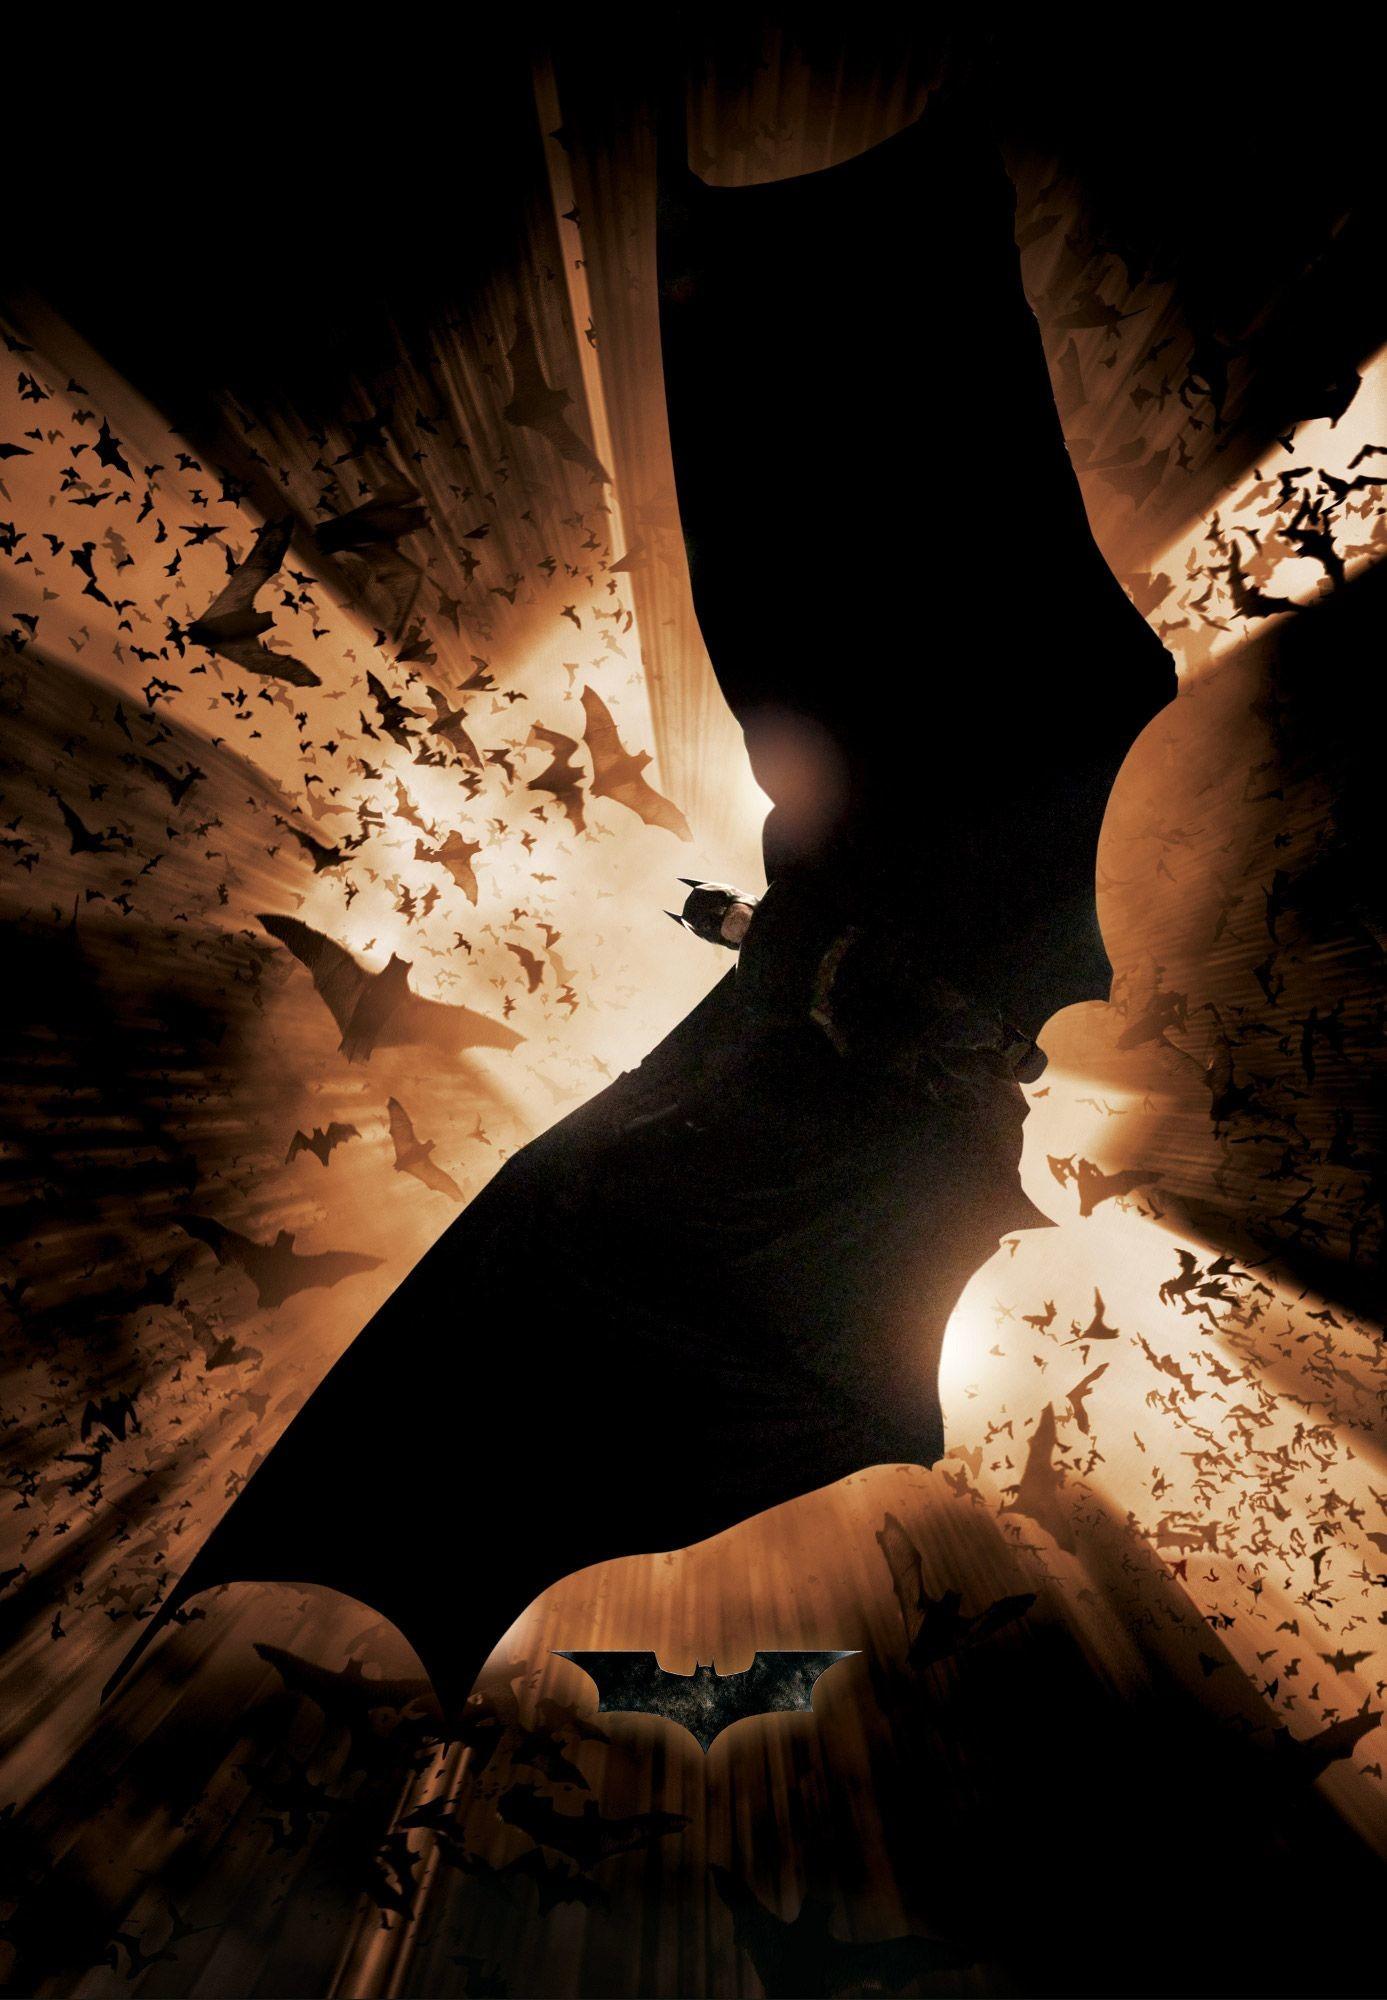 Download Batman Begins Wallpaper 1387×2000